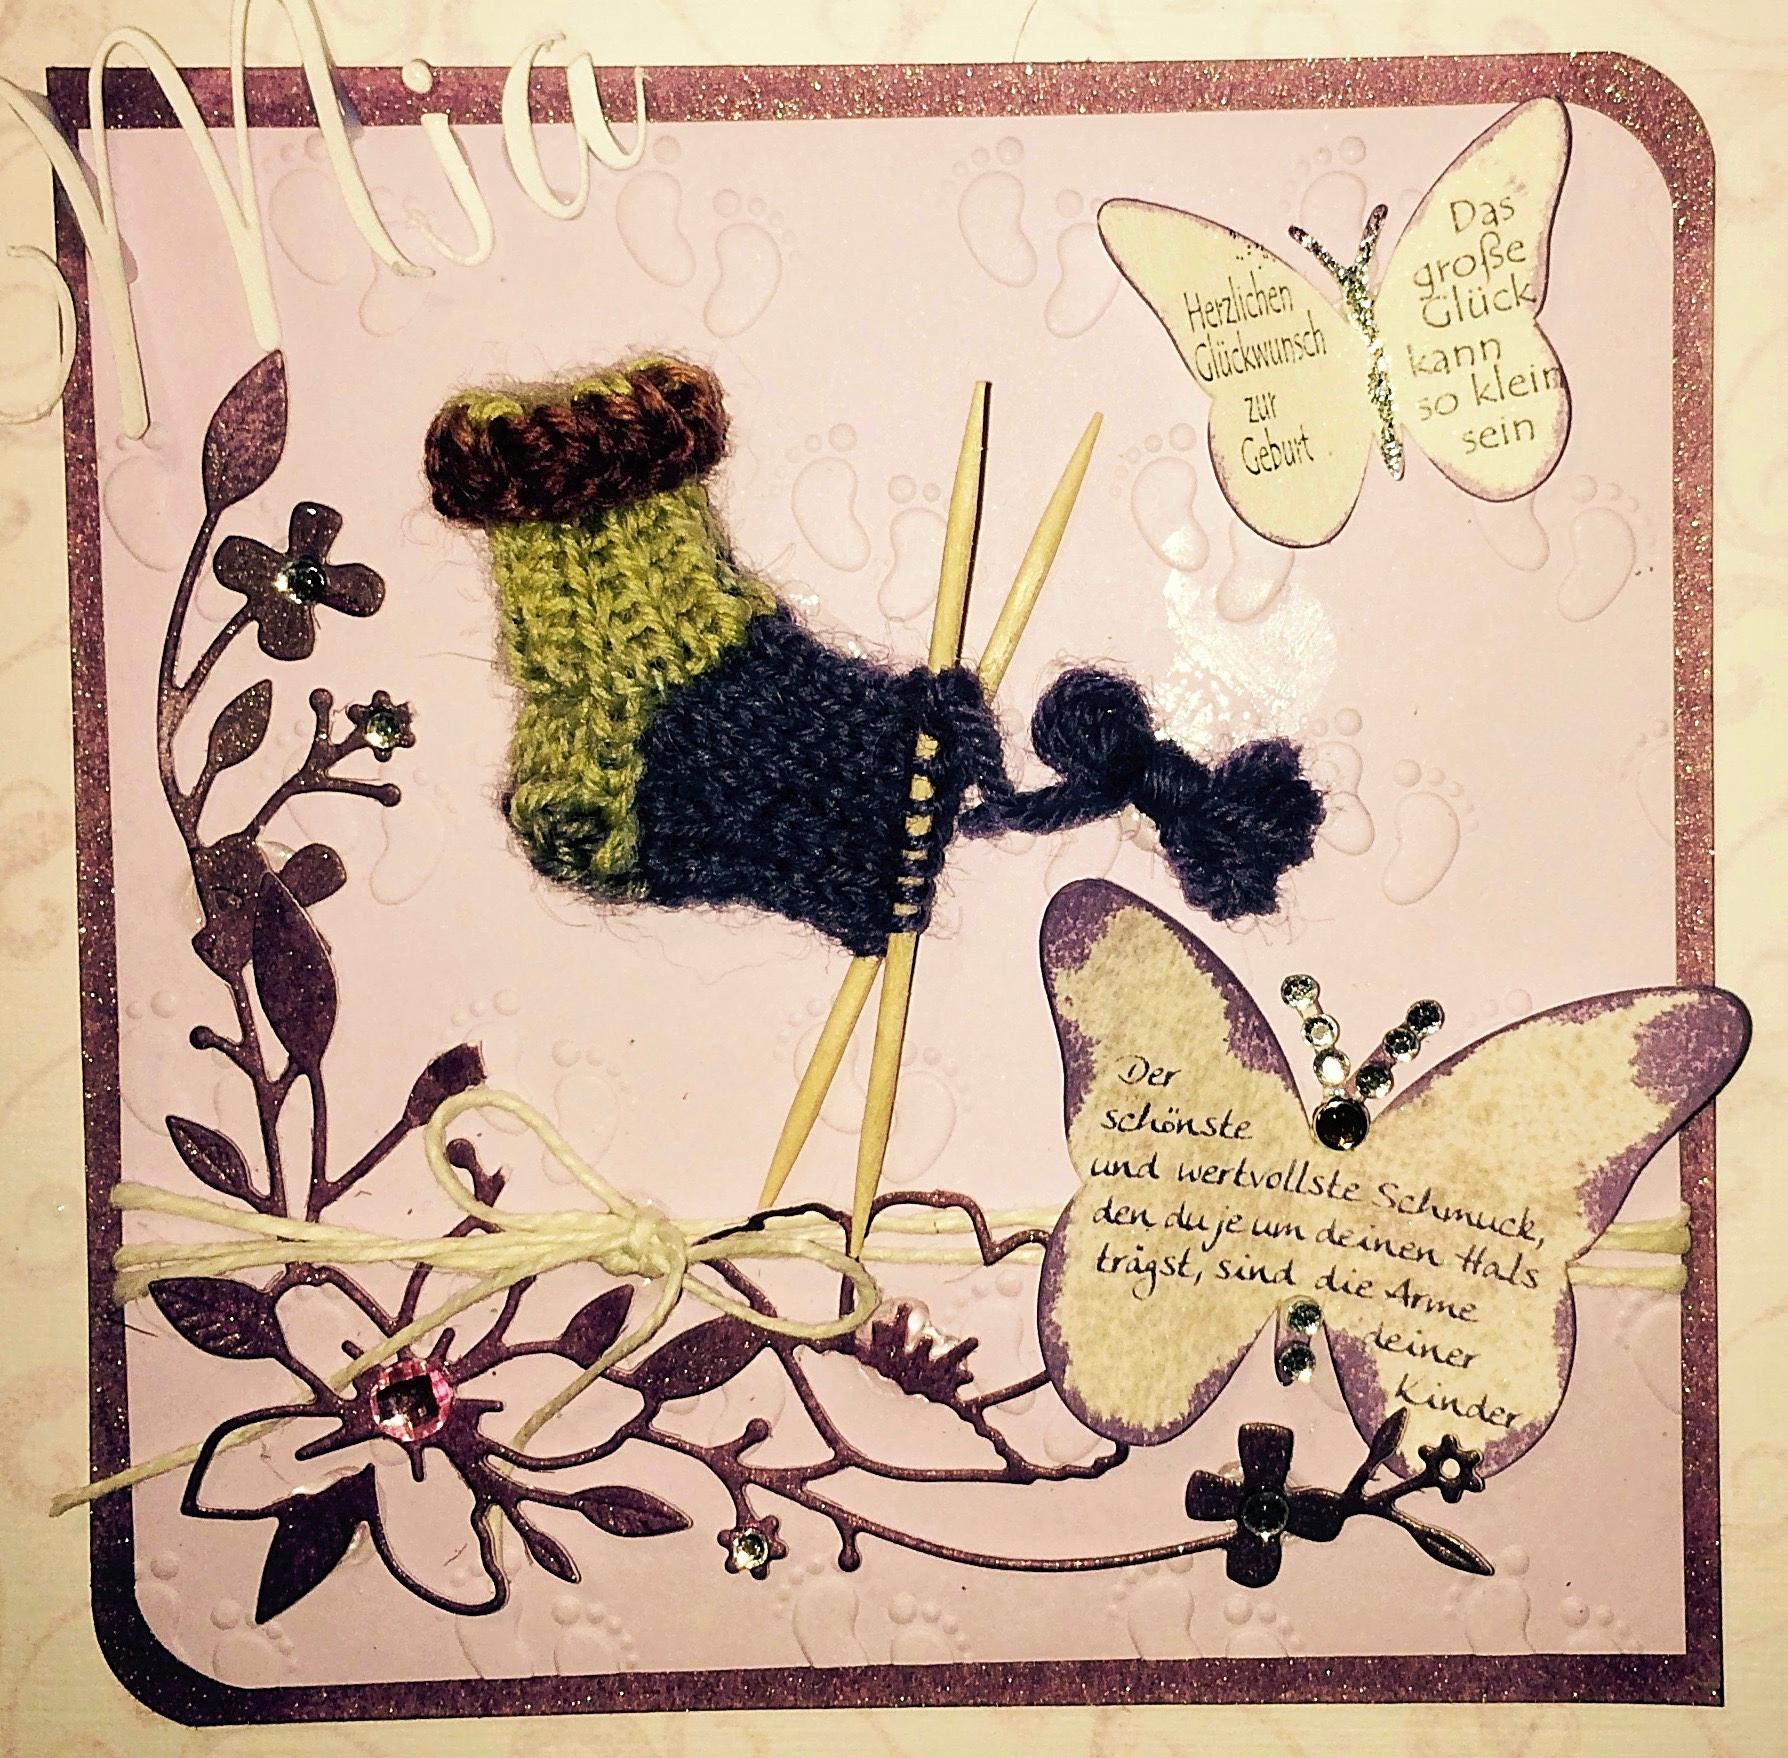 Karte zur Geburt eines Mädchens mit handgestrickter kleiner Socke